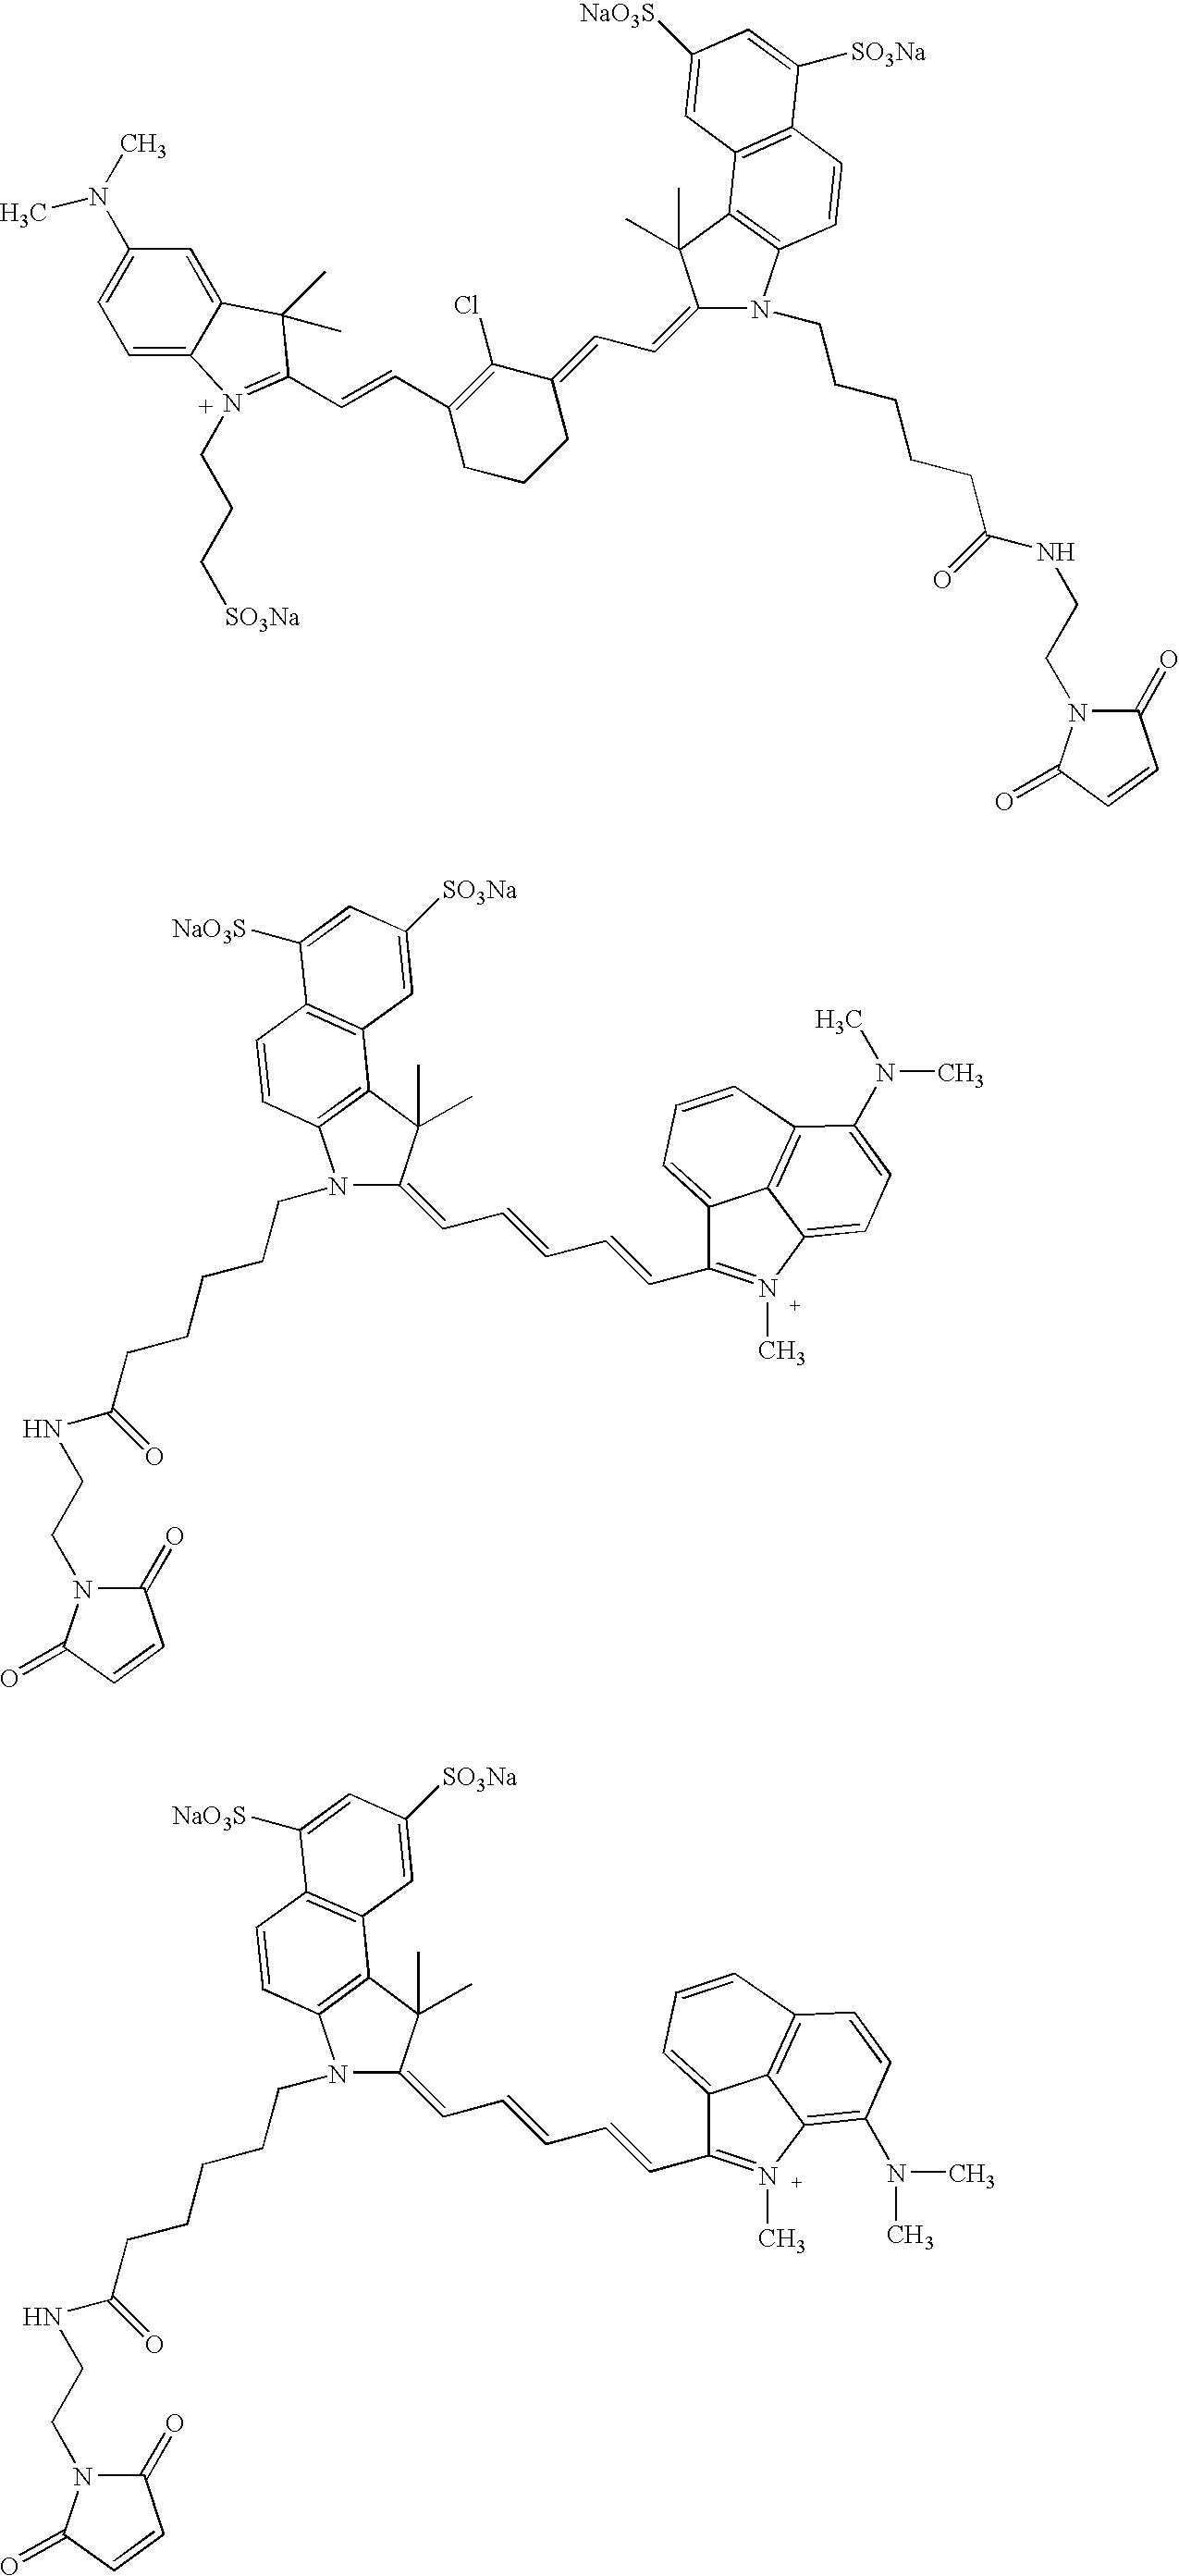 Figure US20070042398A1-20070222-C00047